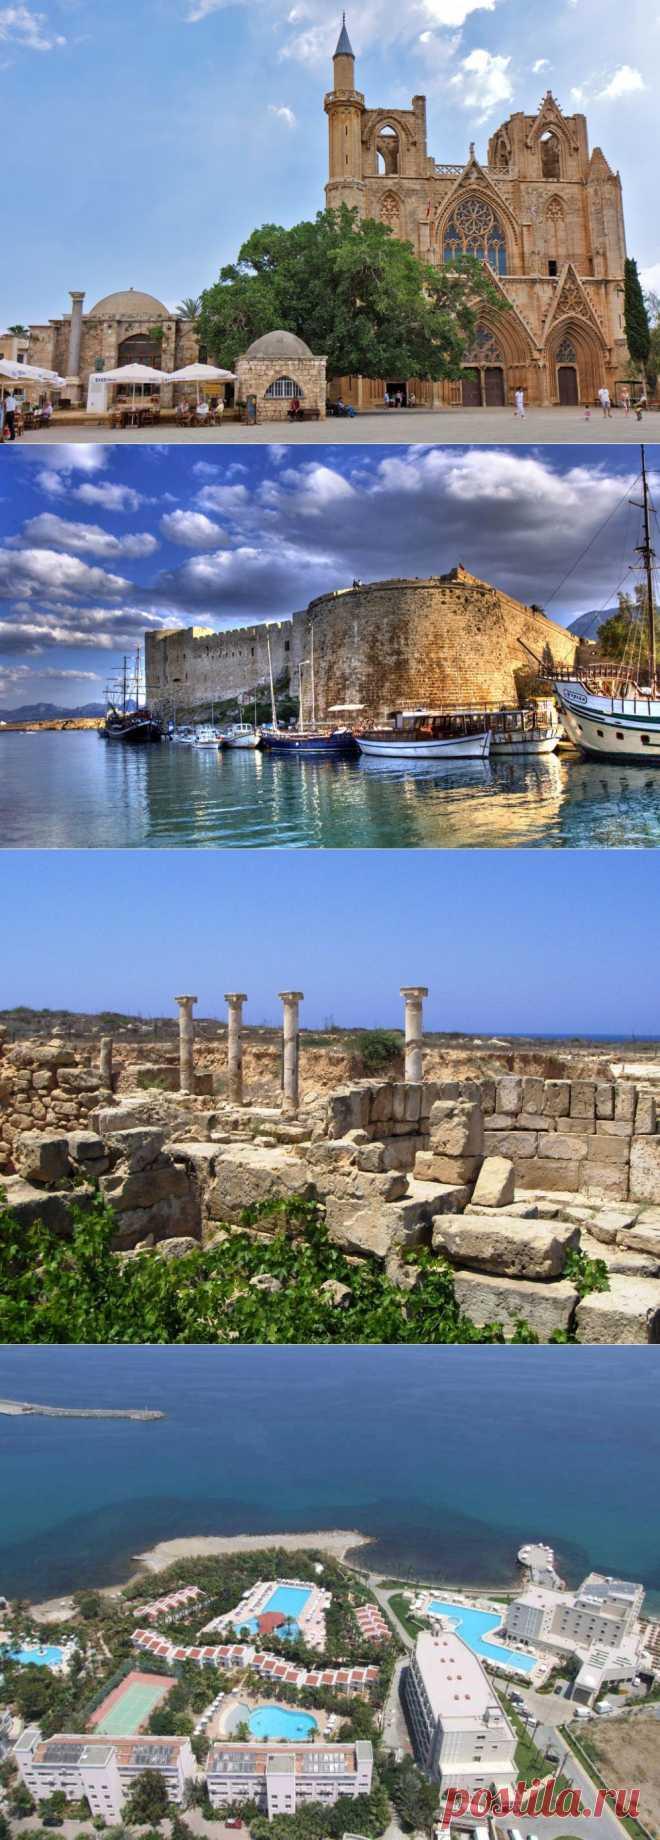 Кипр: здесь отдыхали боги.   Не знаю, где еще за границей, западной или южной, так легко дышится и никто, ничто не мешает быть самим собой. А без этого, согласитесь, зарубежный отдых несколько обременителен для нервной системы. К слову, Кипр — самый спокойный остров на свете. В стране одна-единственная тюрьма на две сотни преступников, и та, говорят, не заполнена, а половина арестантов — иностранцы.